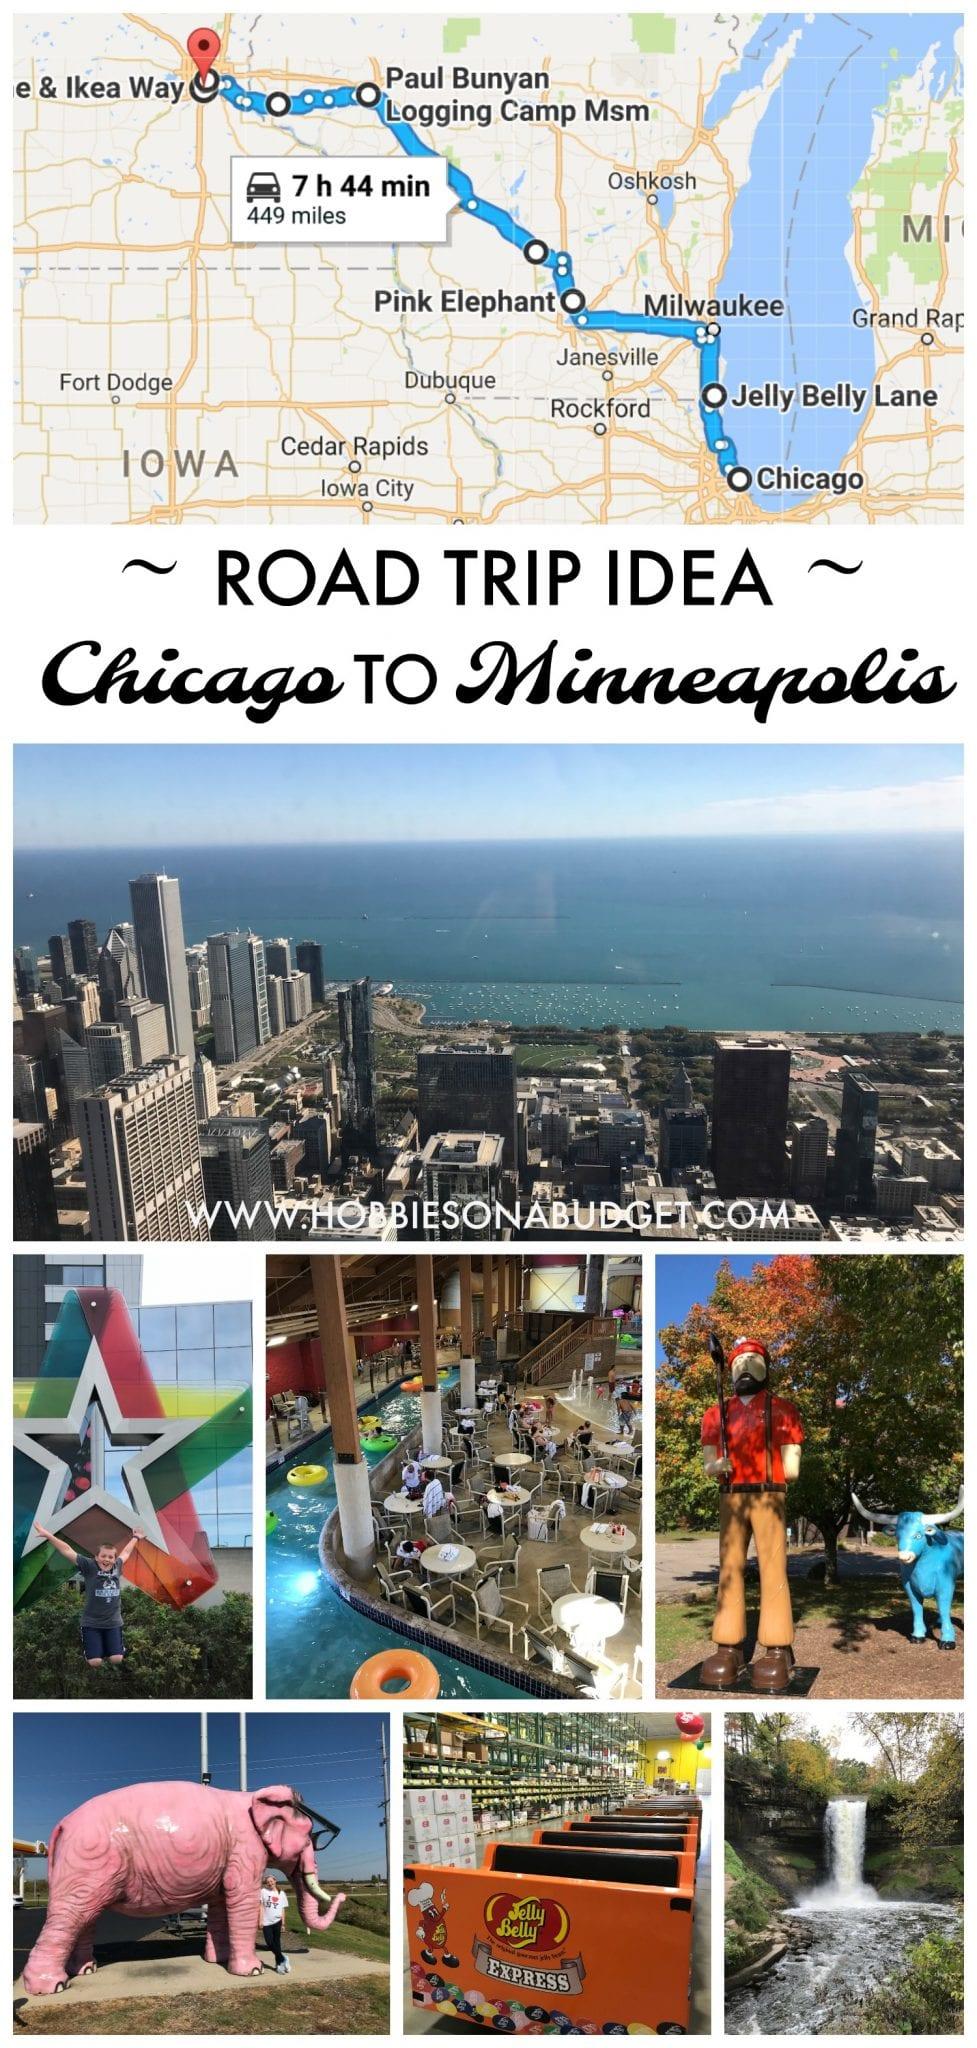 Road Trip Idea:  Chicago to Minneapolis